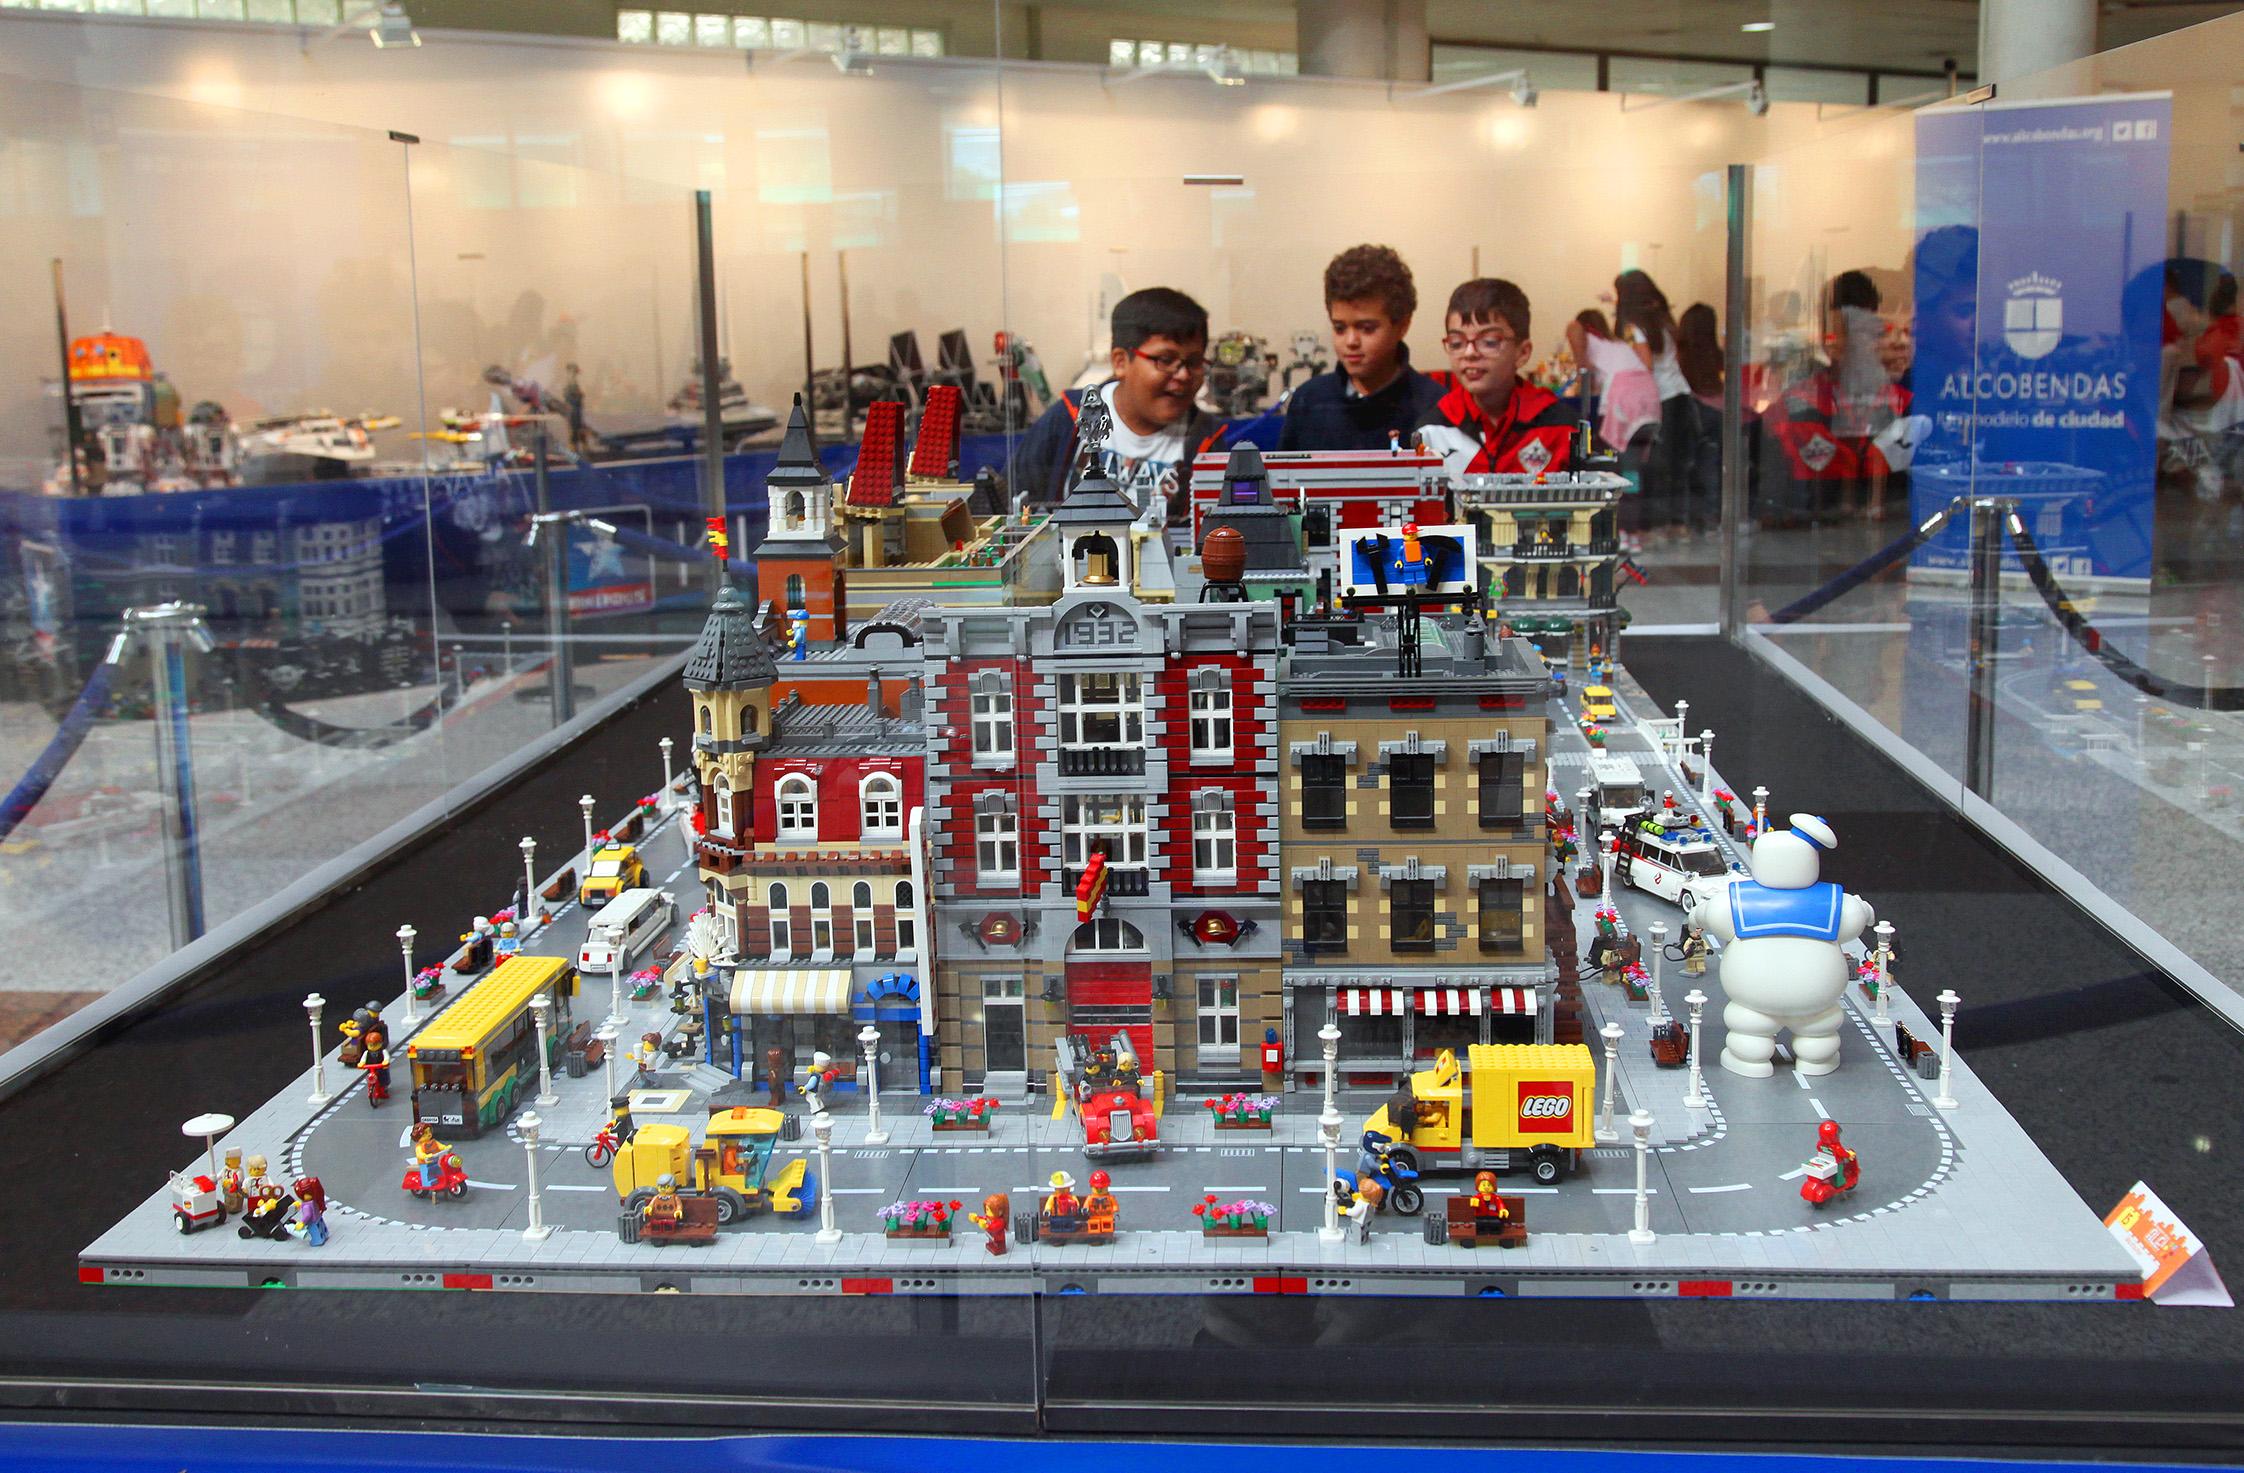 Expo Lego Alcobendas